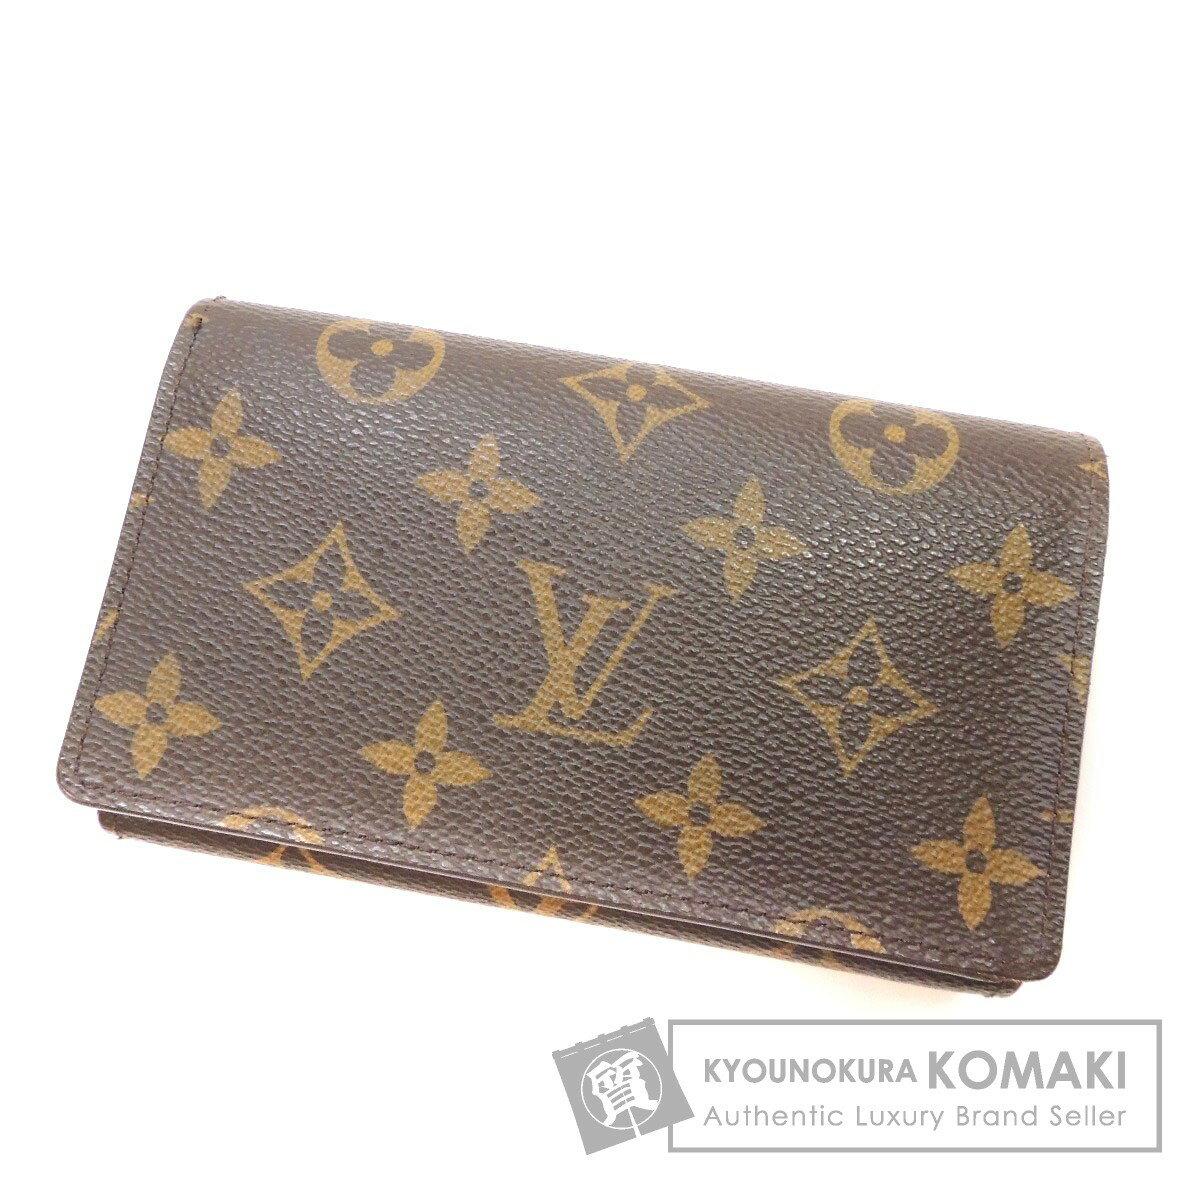 LOUIS VUITTON ポルトフォイユトレゾール M61736  二つ折り財布(小銭入れあり) モノグラムキャンバス レディース 【中古】【ルイ・ヴィトン】